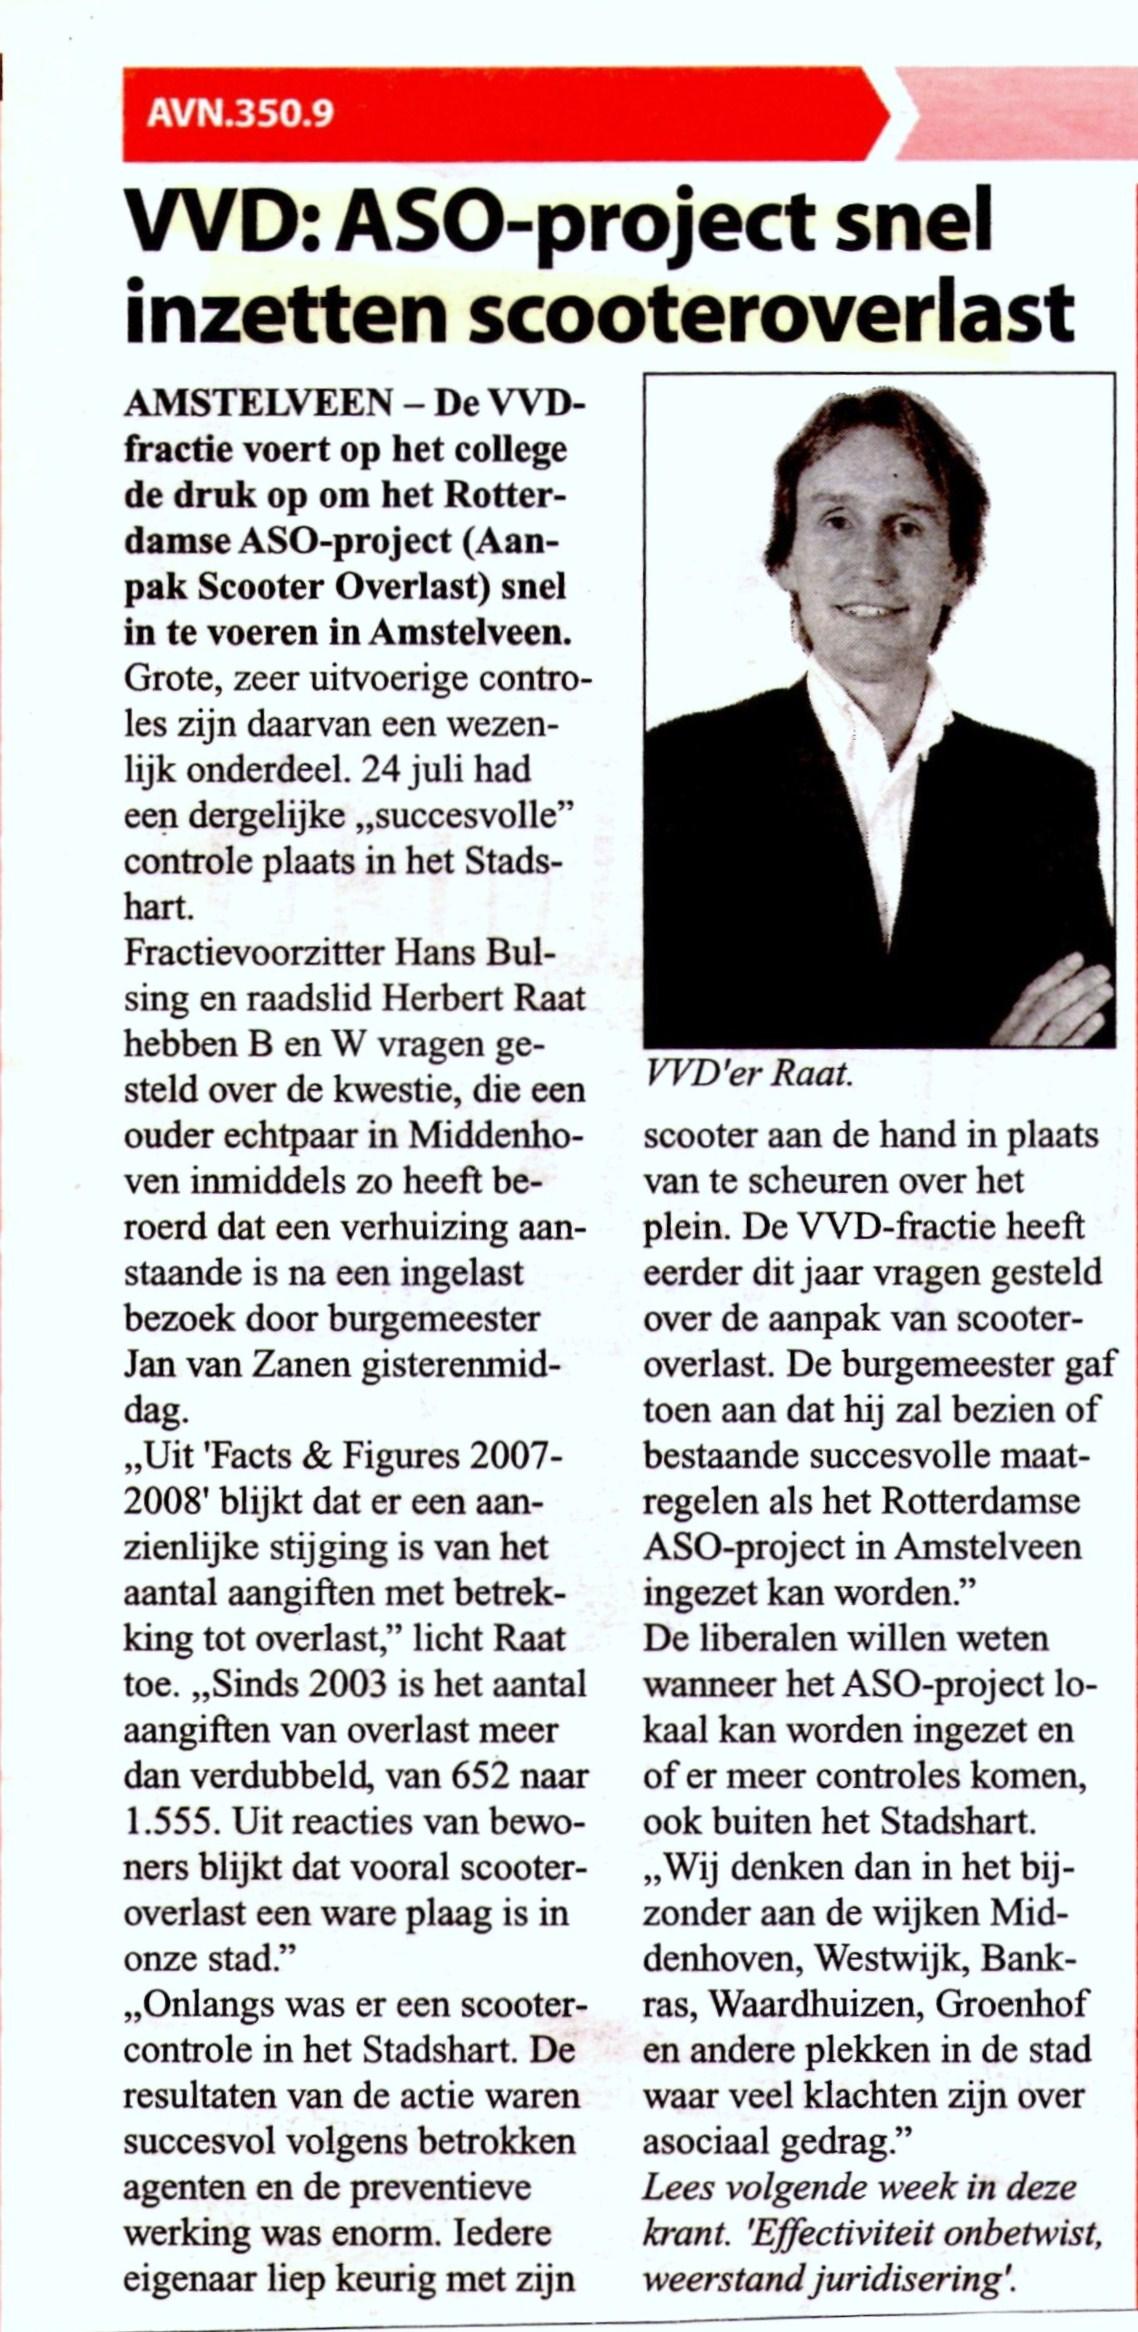 2008-20-8-Amstelveens nieuwsblad -Betere Handhaving (2)